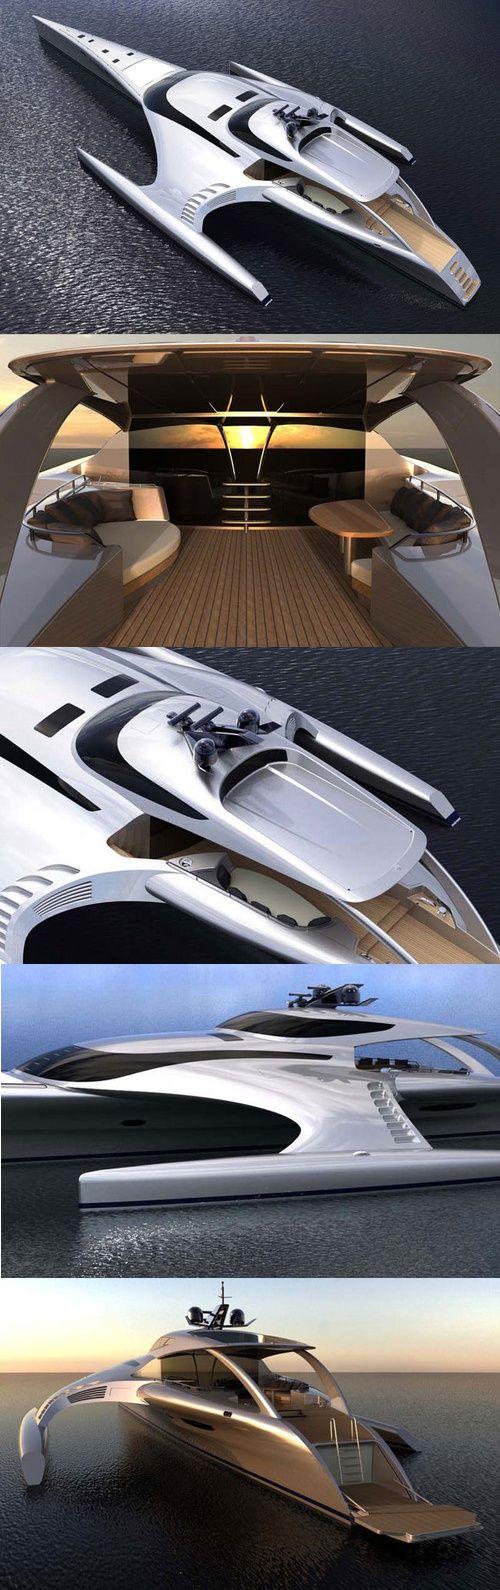 ★ Visit ~ MACHINE Shop Café ★ ('Adastra' Trimaran Superyacht Designed by John Shuttleworth)